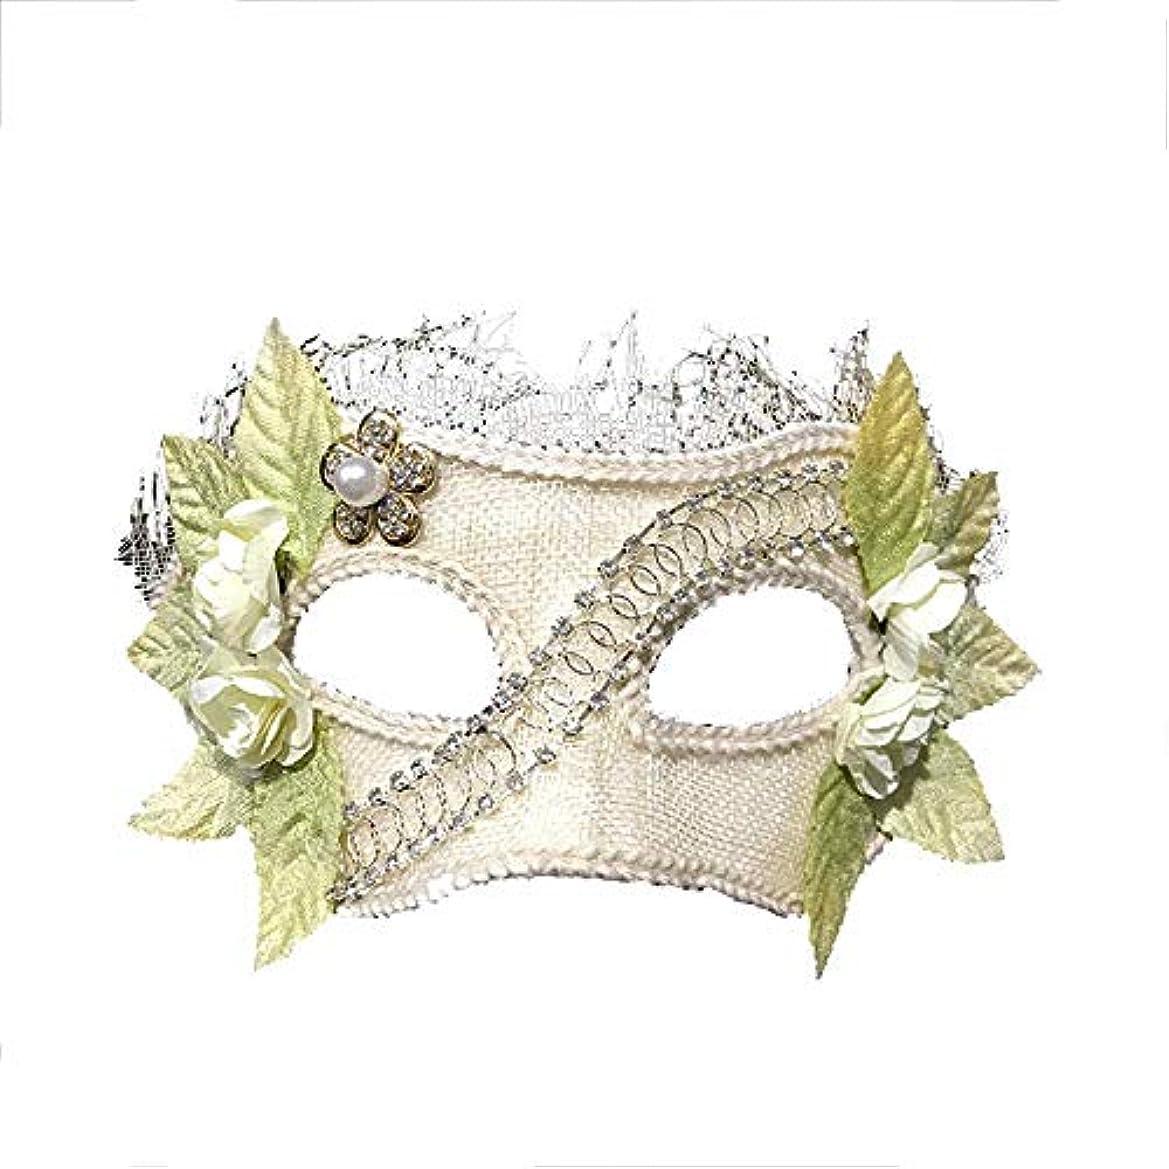 無傷クリーナーロータリーNanle ハロウィンクリスマスフラワーフェザービーズマスク仮装マスクレディミスプリンセス美容祭パーティーデコレーションマスク (色 : Style A)